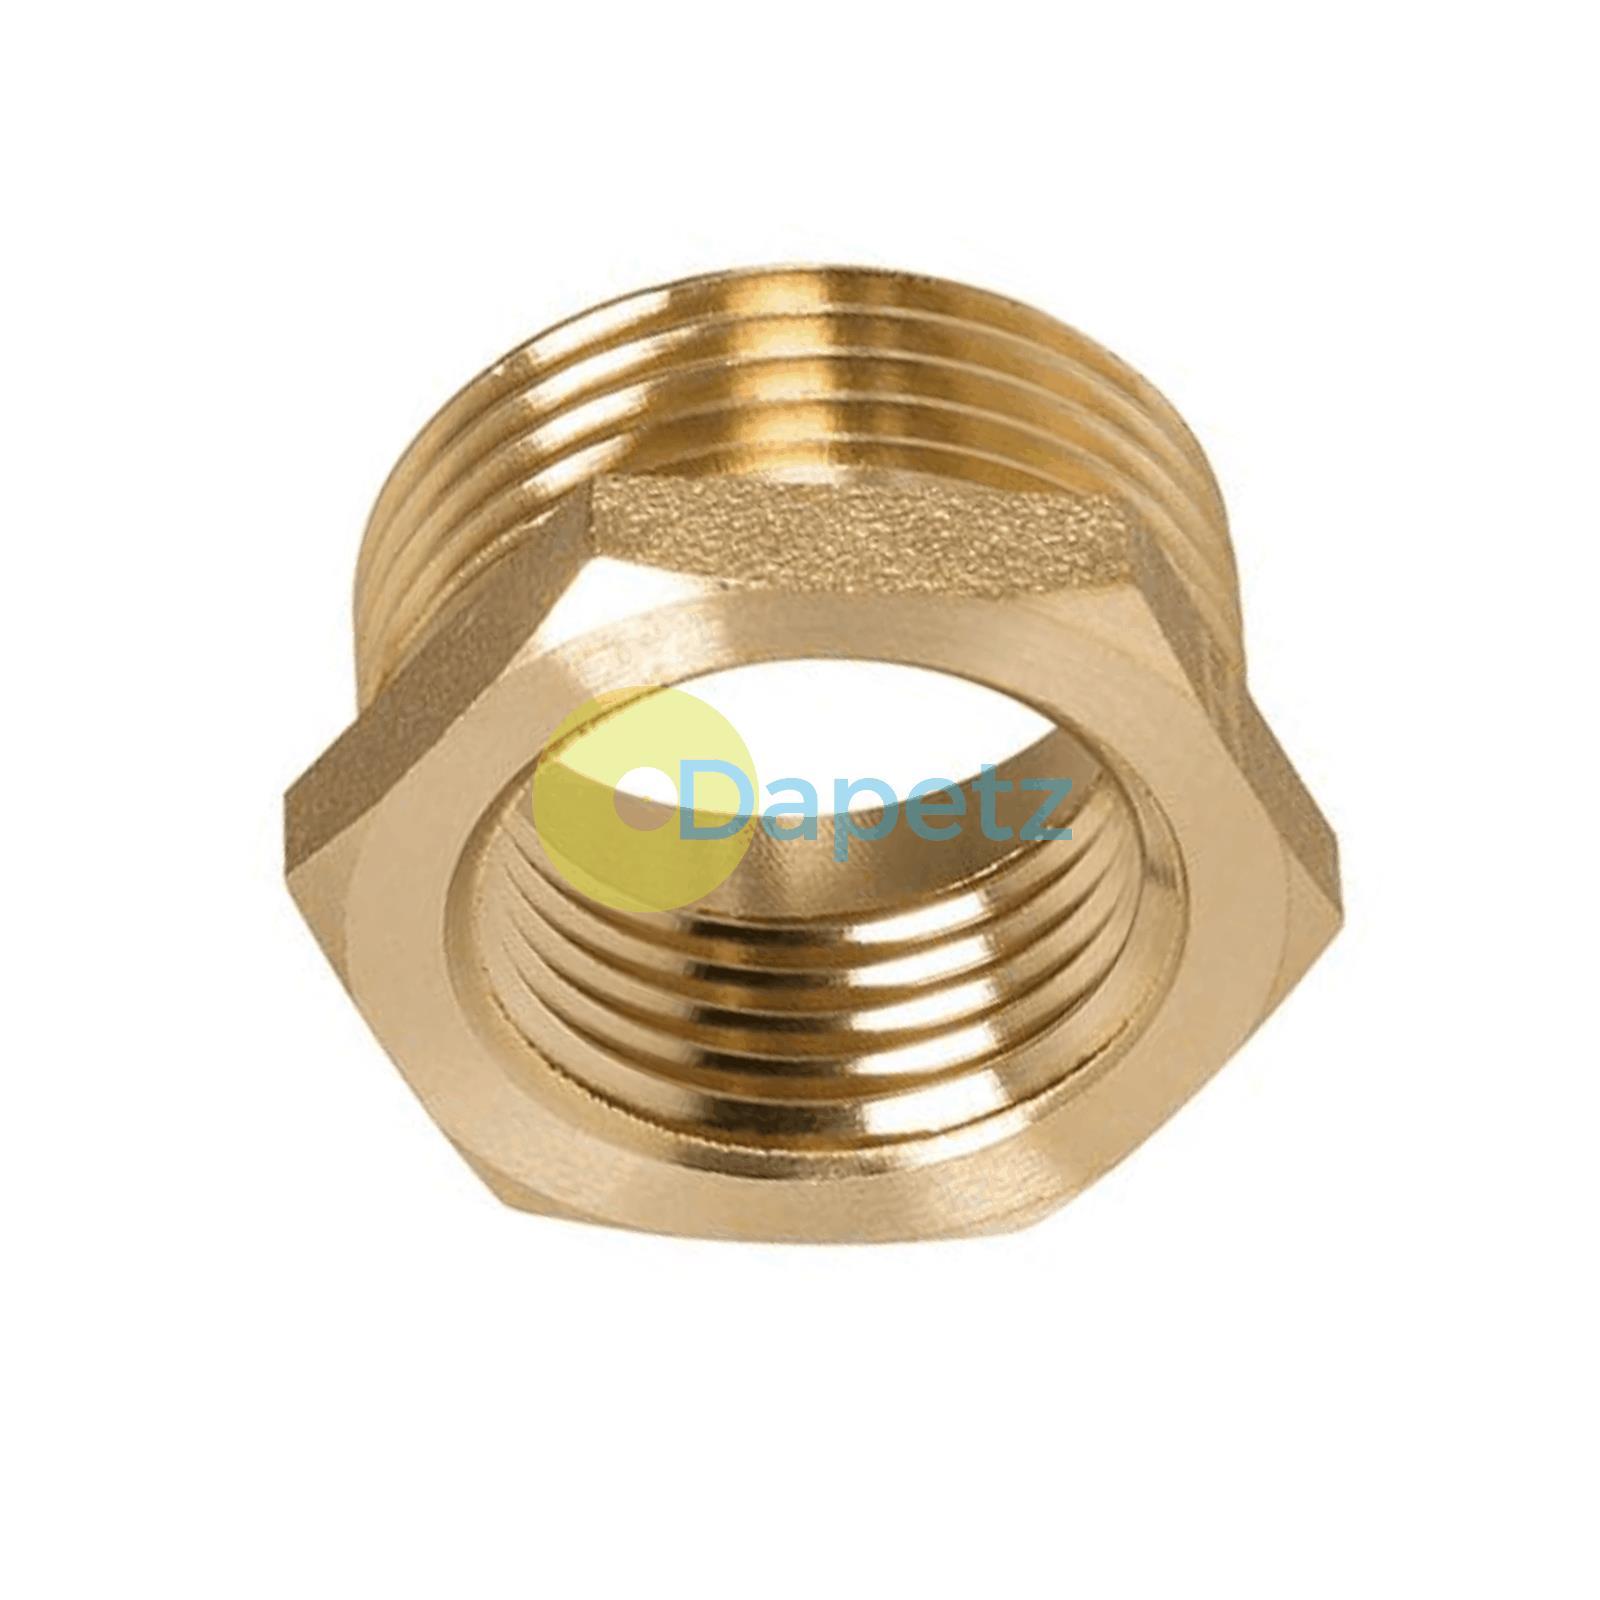 Brass-Reducing-Hexagone-Bush-BSP-Male-a-Femelle-Adaptateur-Connecteur-WRAS-approuves miniature 21